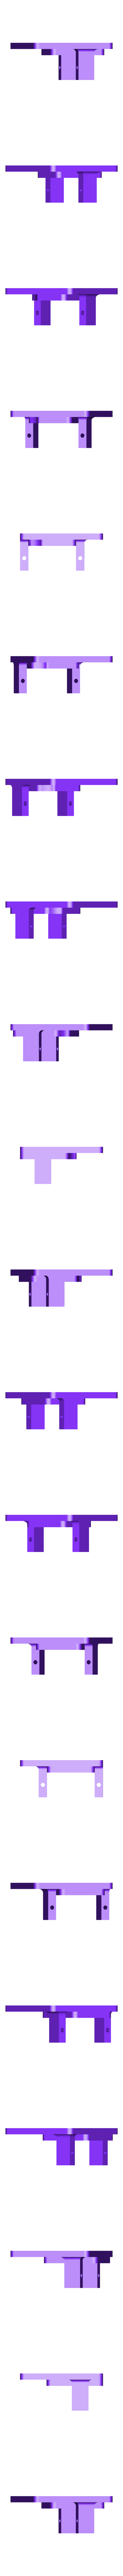 servo_tilt_base.stl Download free STL file $5 drone camera tilter • 3D printable object, NikodemBartnik